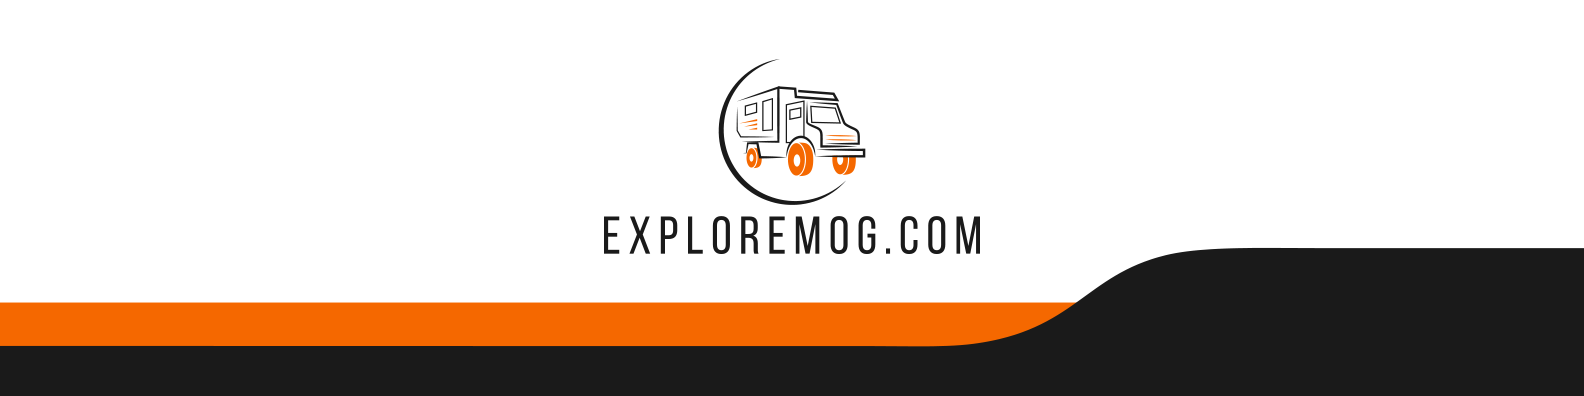 EXPLOREMOG.COM